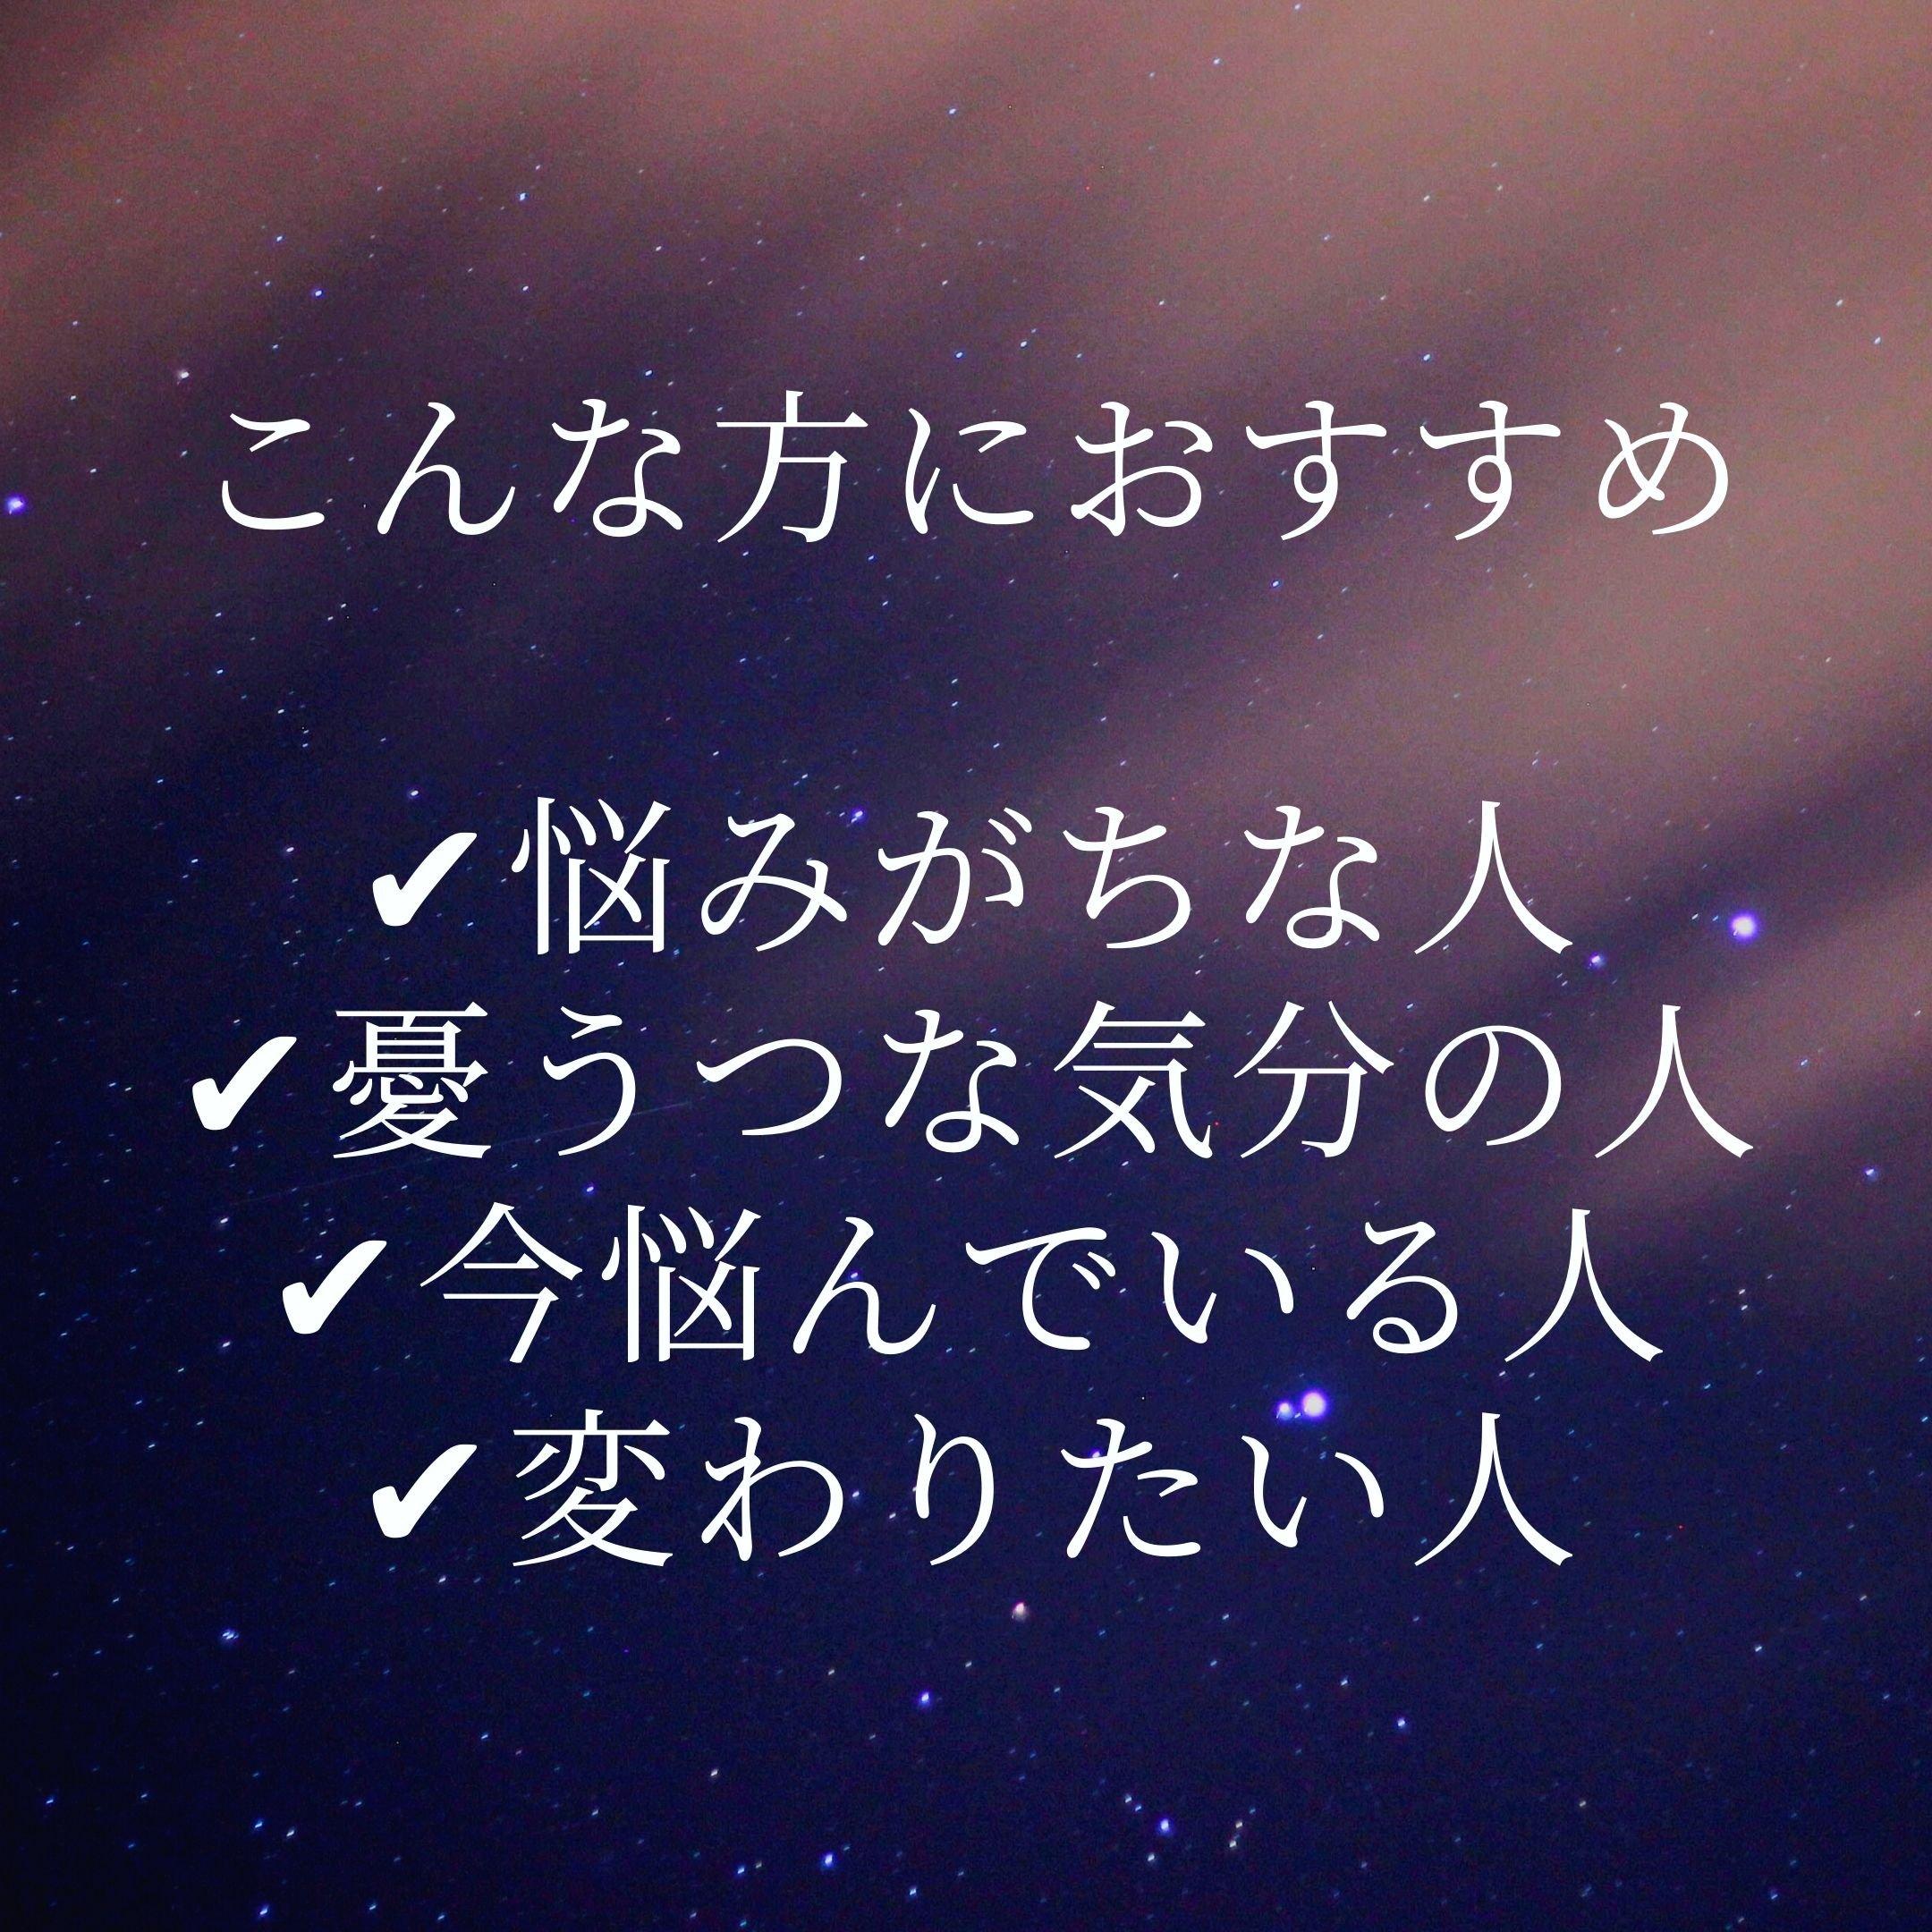 【コースB】〜高次元からあなただけに届く〜チャネリングメッセージのイメージその2